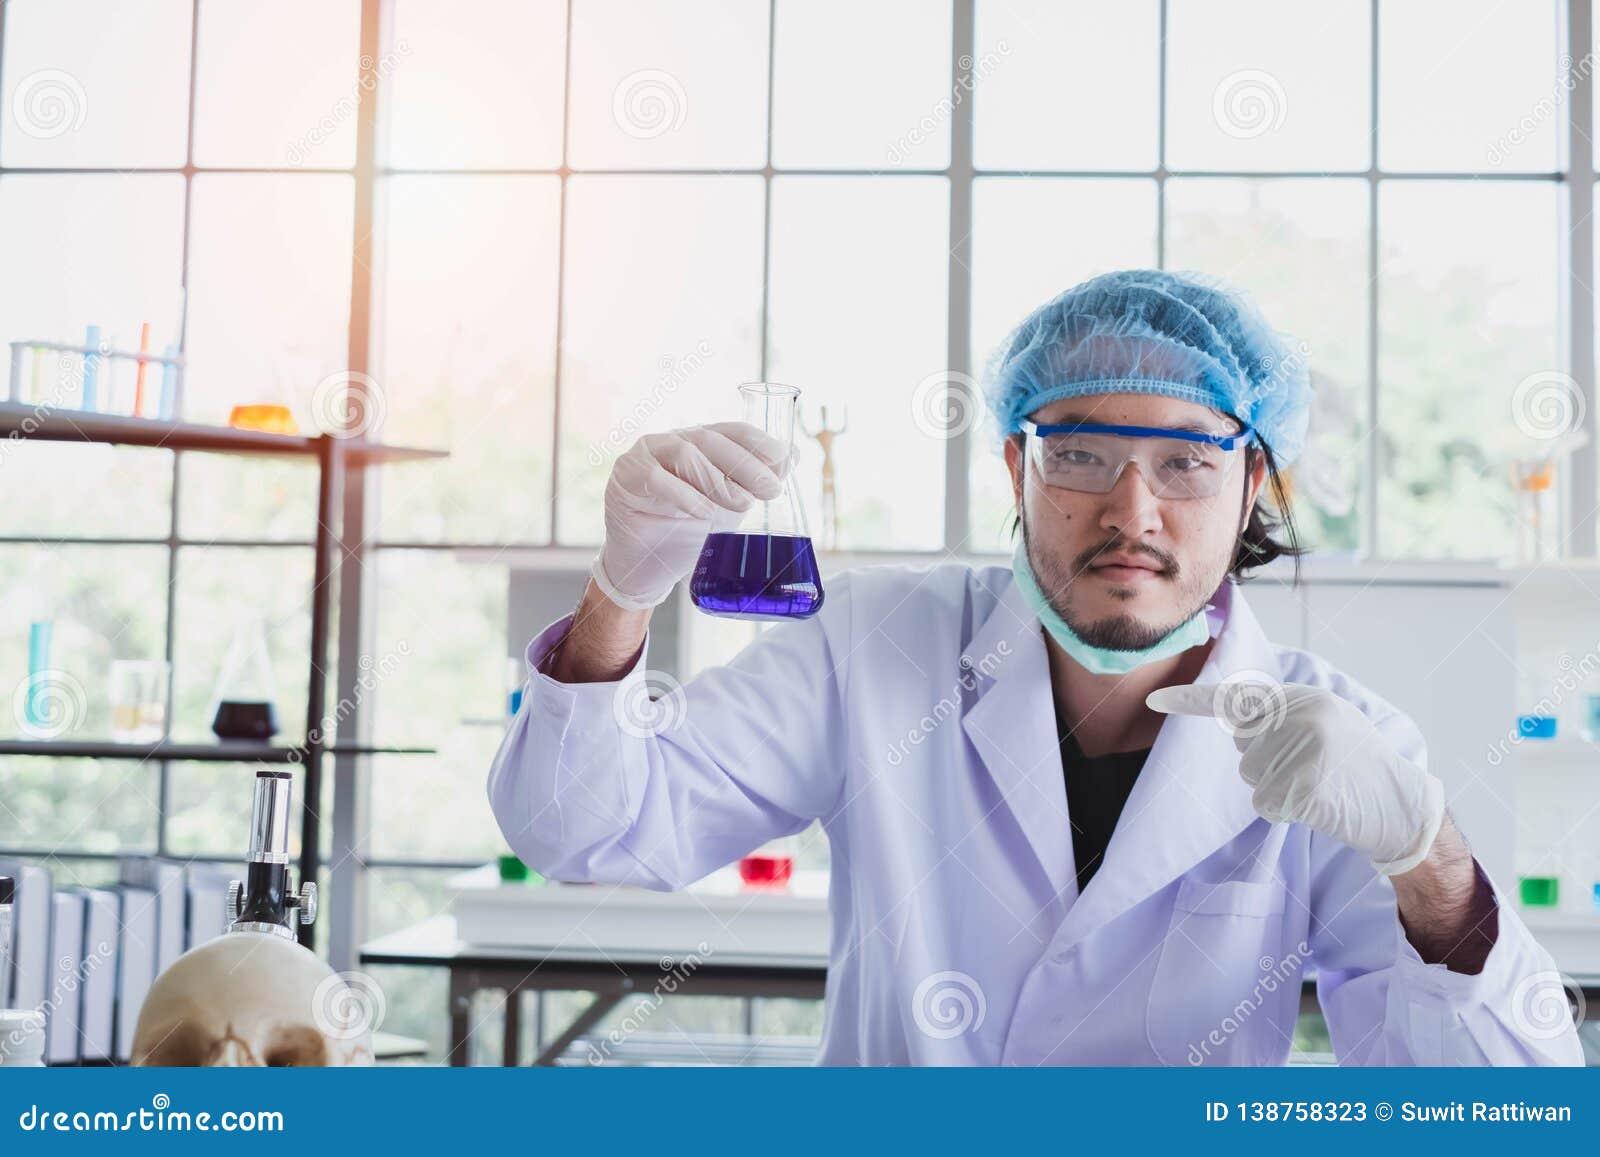 Ένας επιτυχής αρσενικός φαρμακοποιός εξετάζει τη νέα καινοτομία του σε ένα εργαστήριο